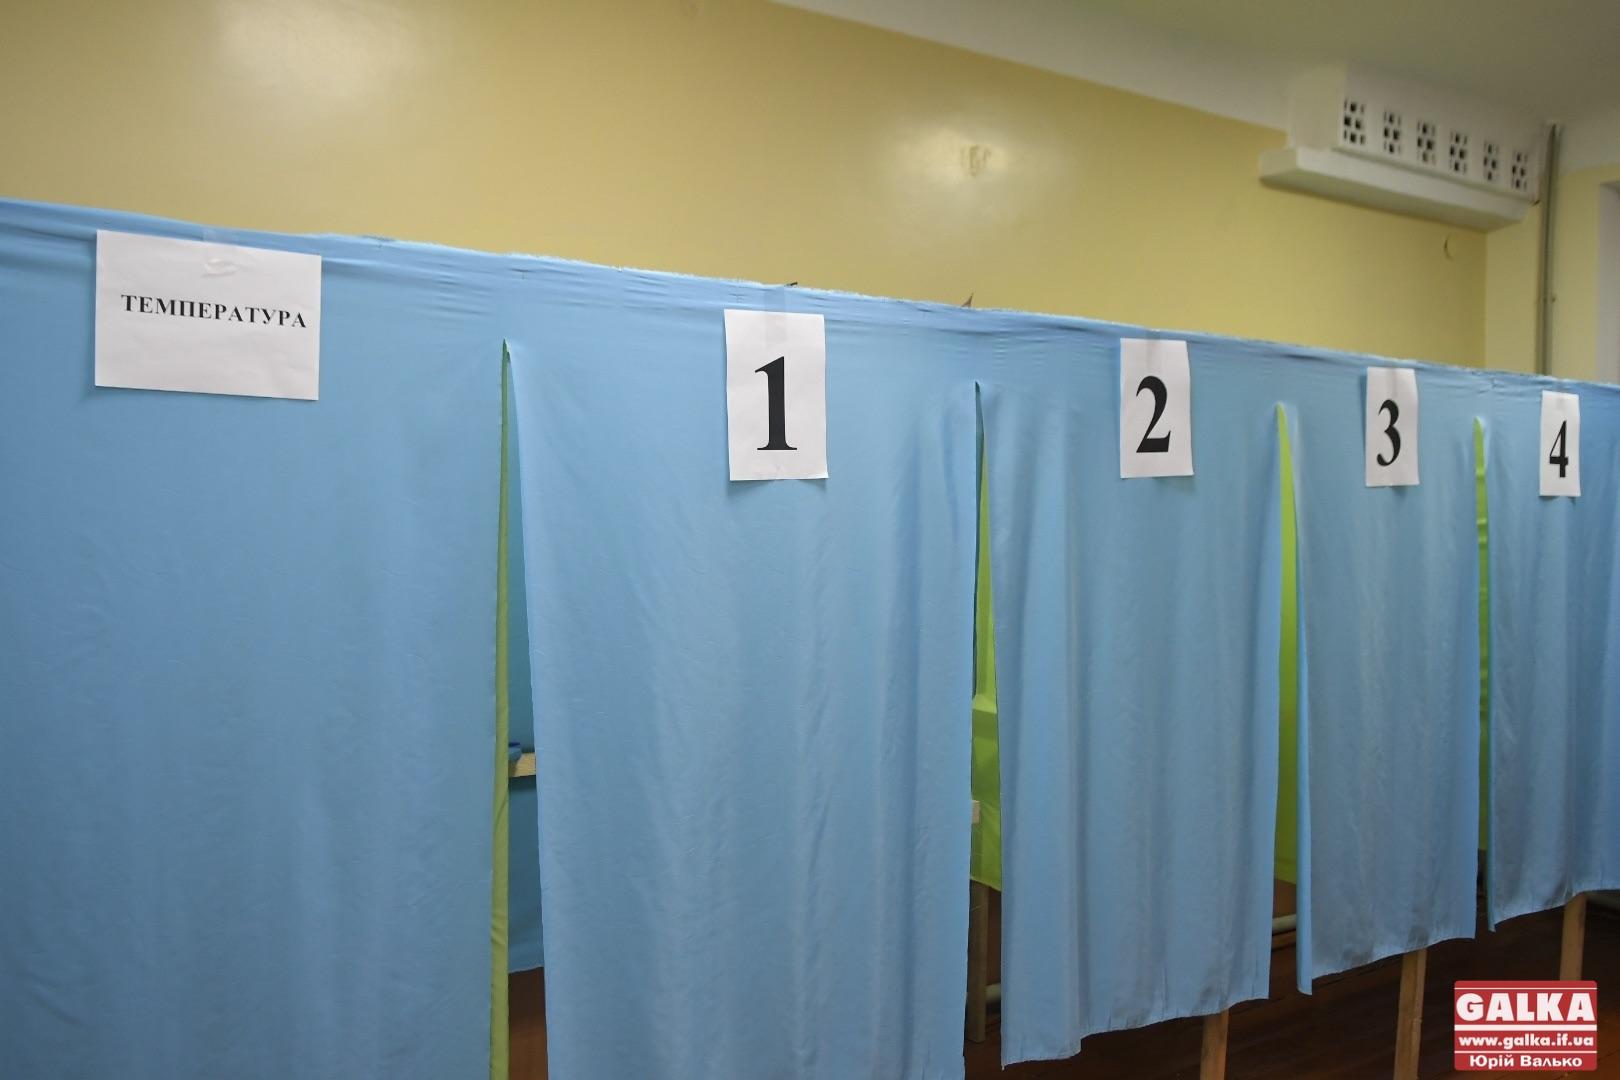 ЄС, ОПЗЖ і Слуги стали лідерами на виборах в облради (КАРТА)